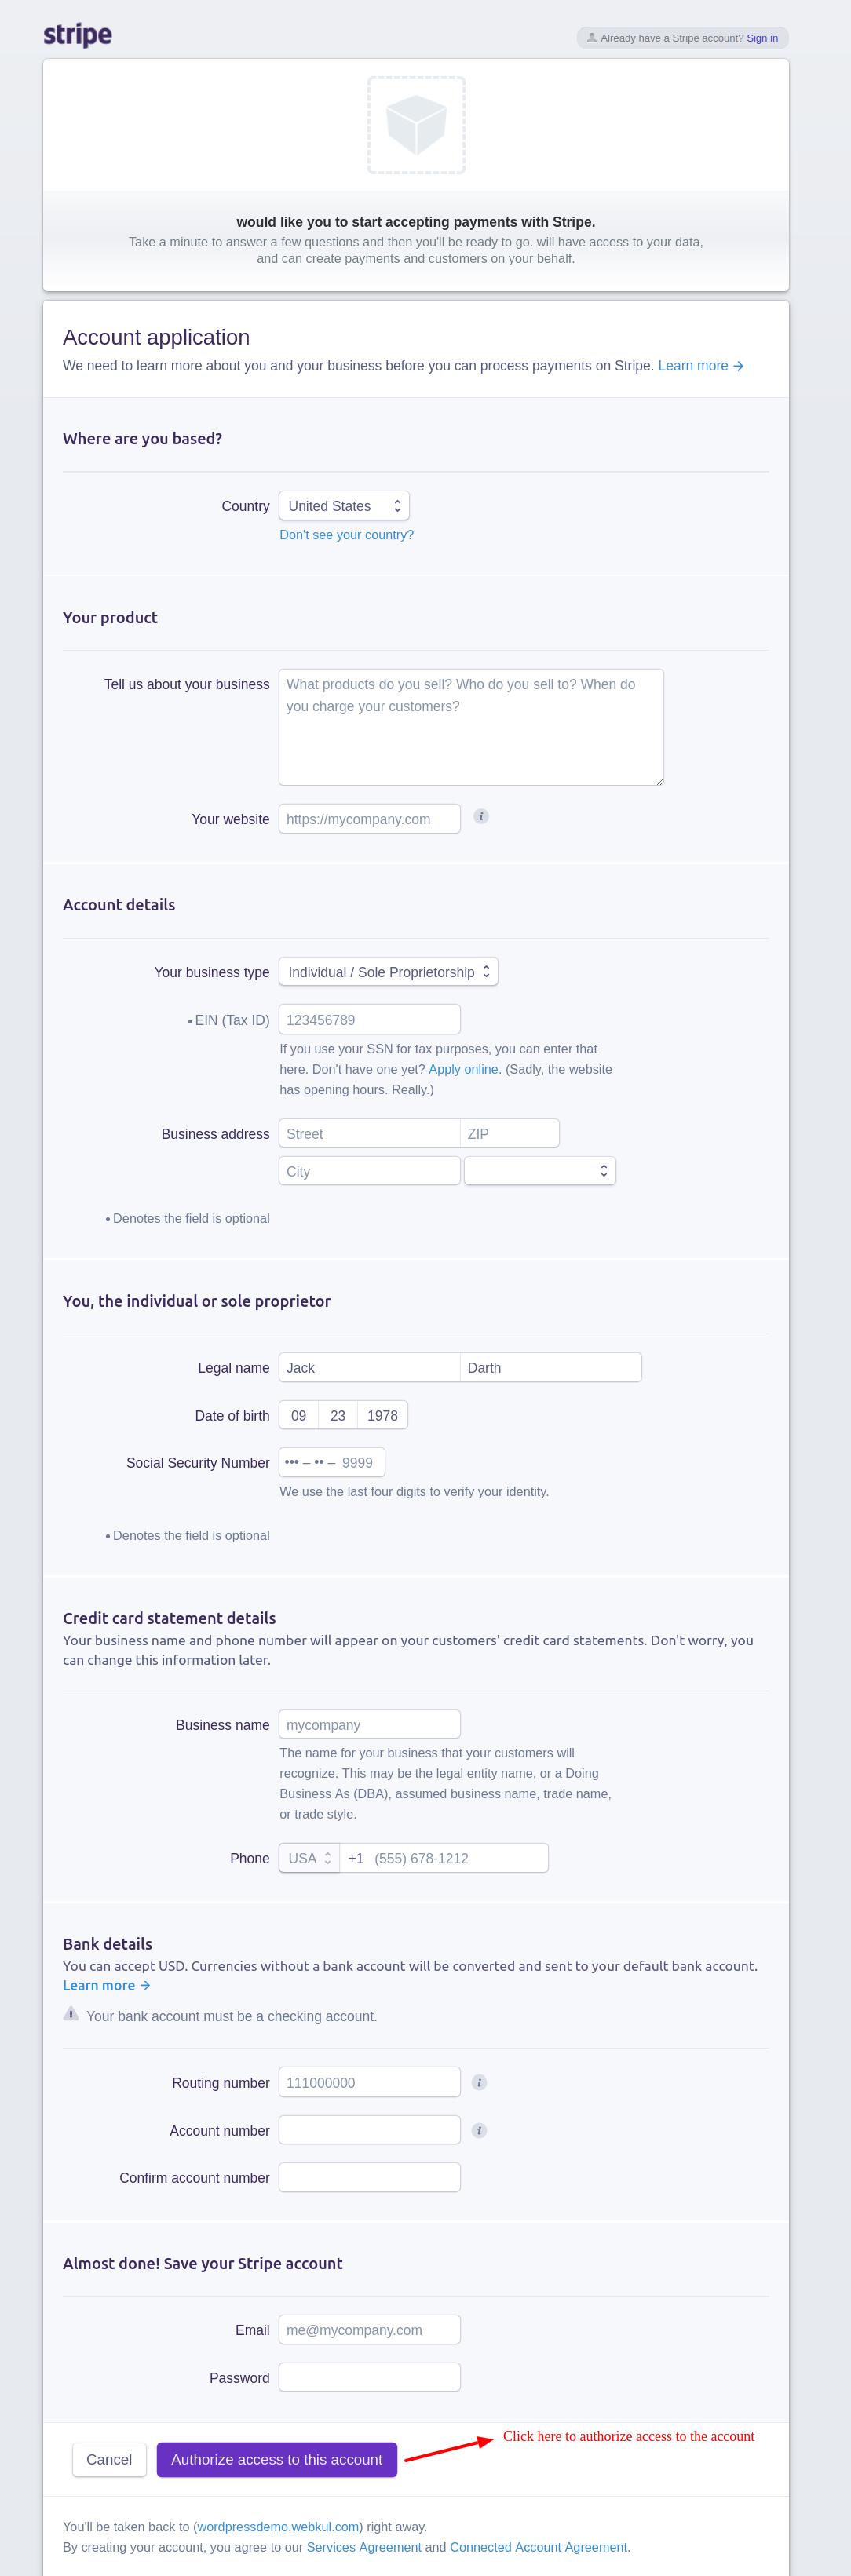 webkul-woocommerce-marketplace-stripe-authorize-access